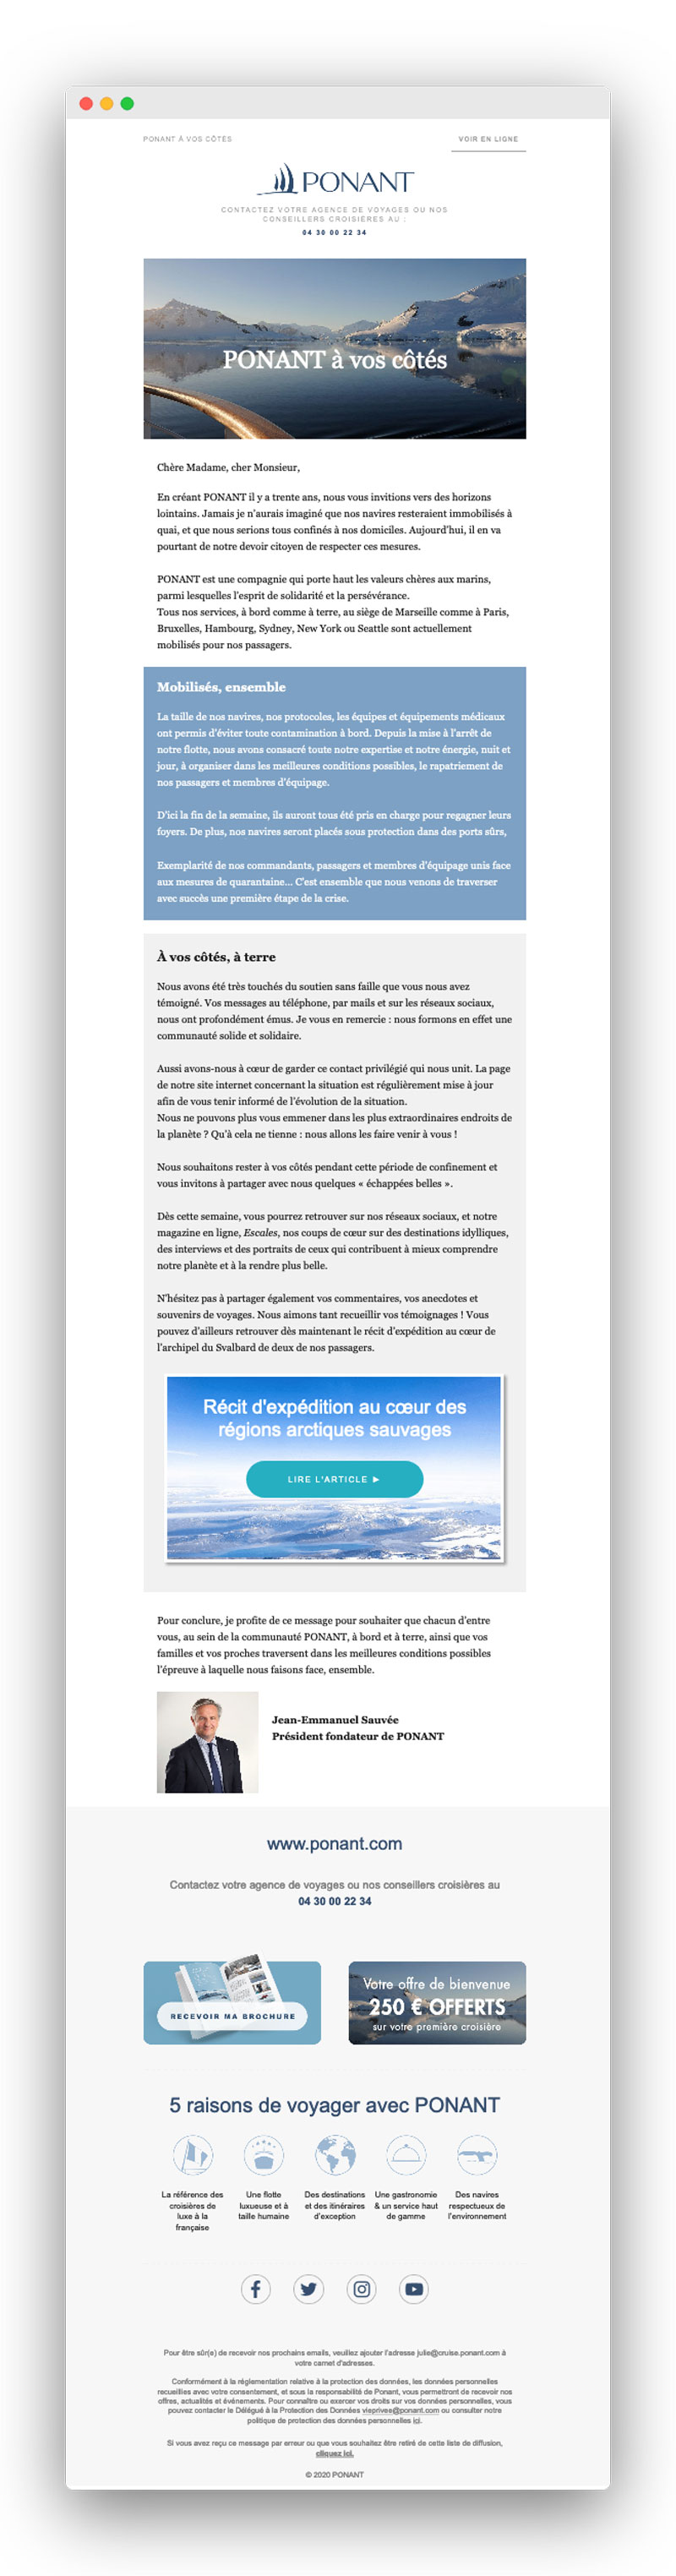 Exemple d'email lors du confinement pour coronavirus : Ponant